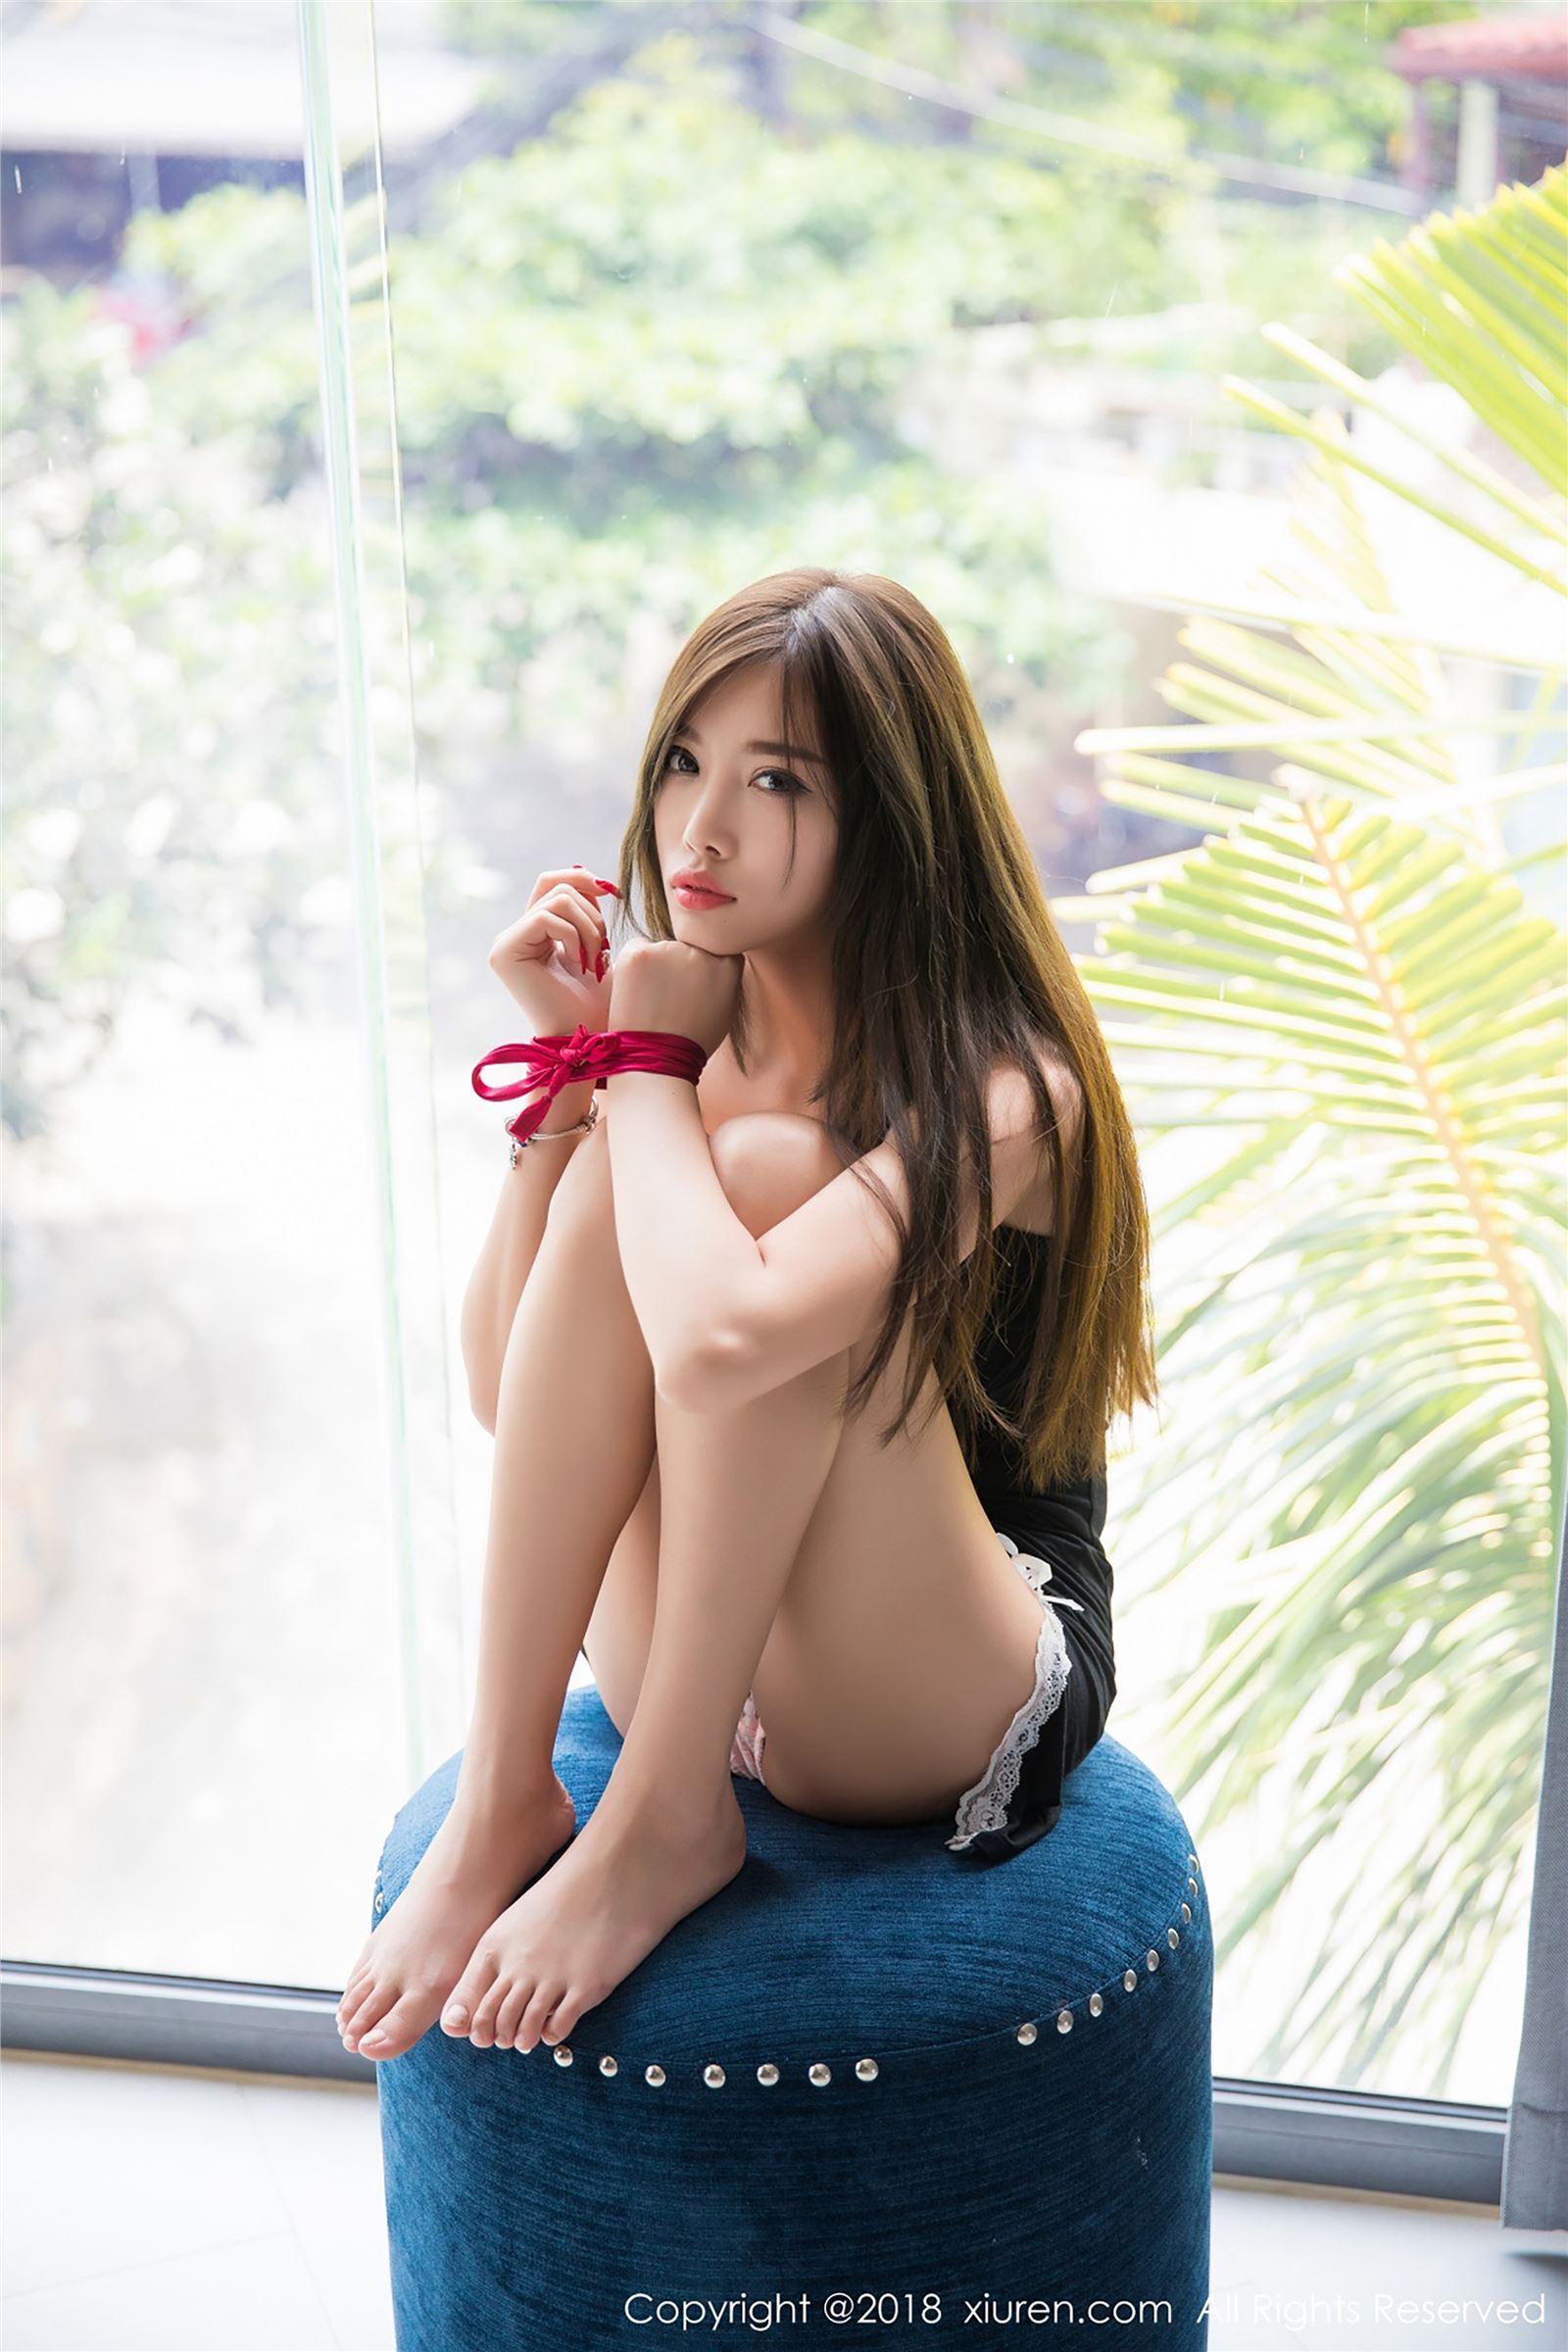 XIUREN秀人网 2018.09.07 No.1152 杨晨晨sugar